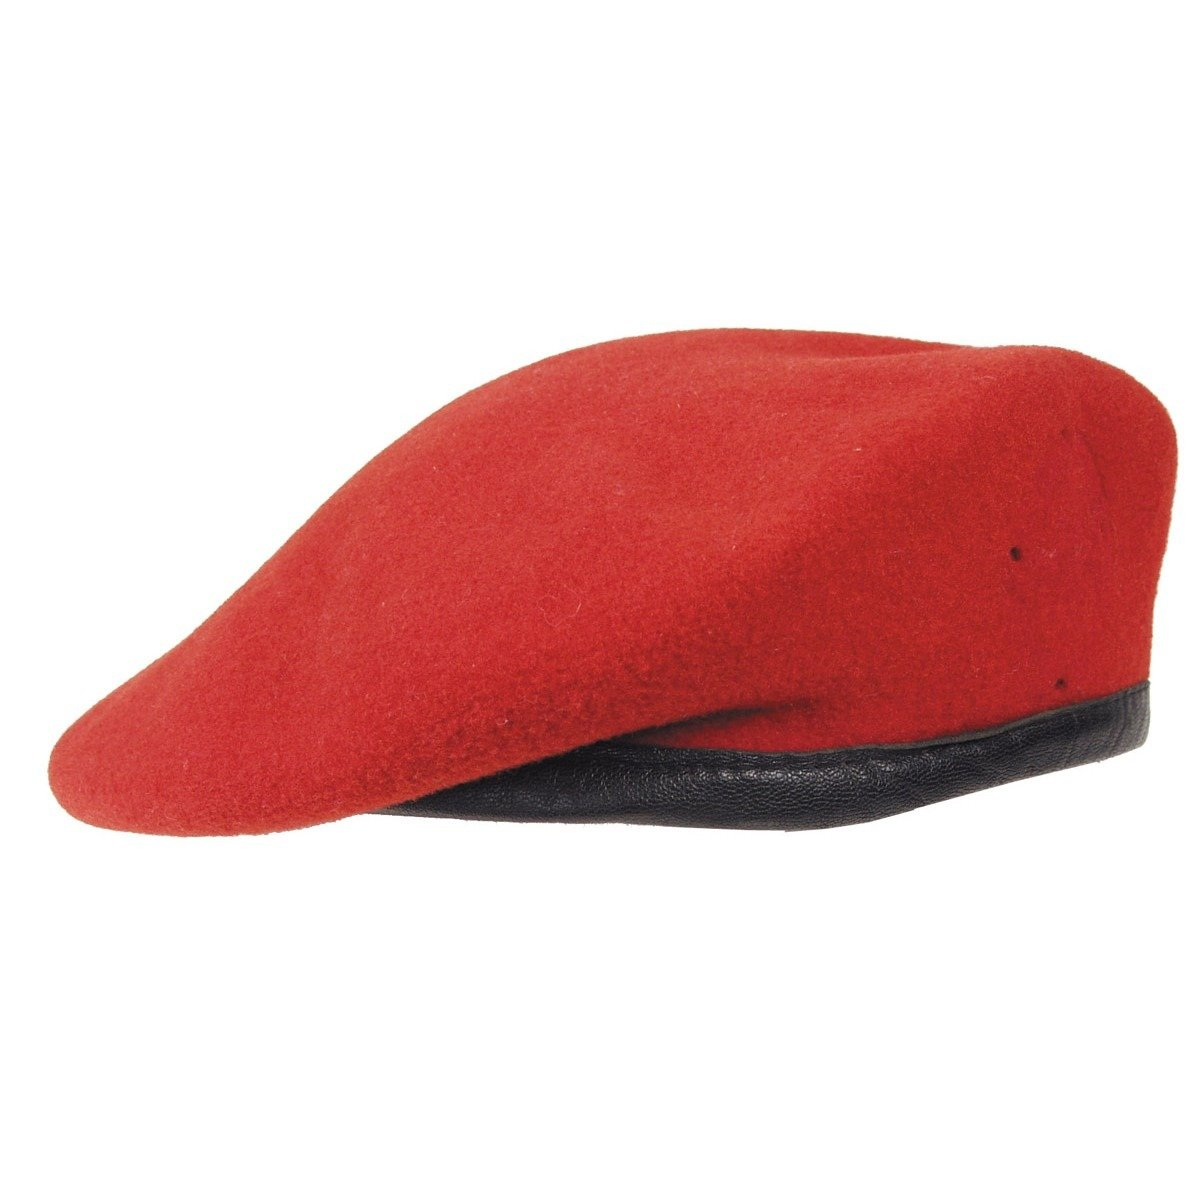 Svájci Sapka BW - használt - piros ... 22843a2f3d